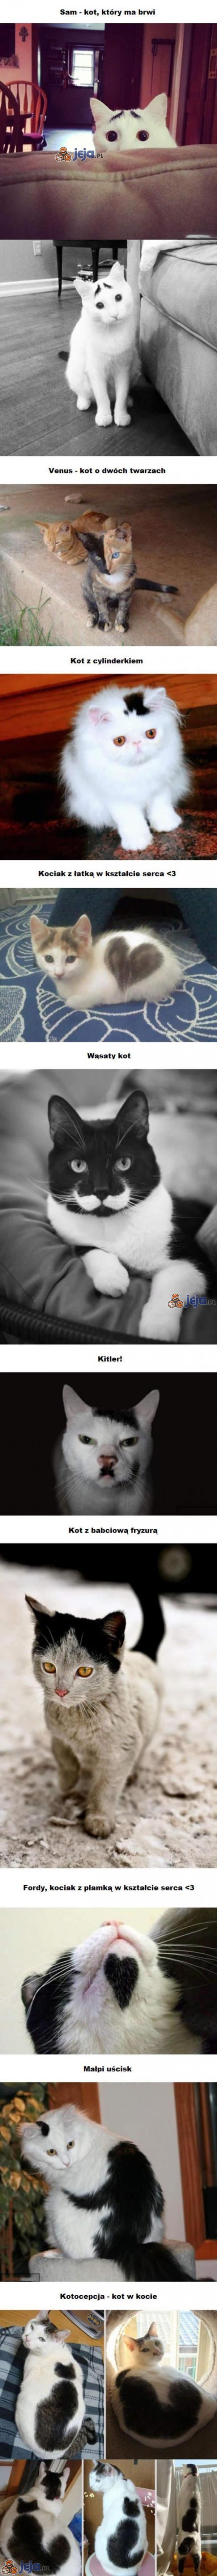 Wyjątkowe koty